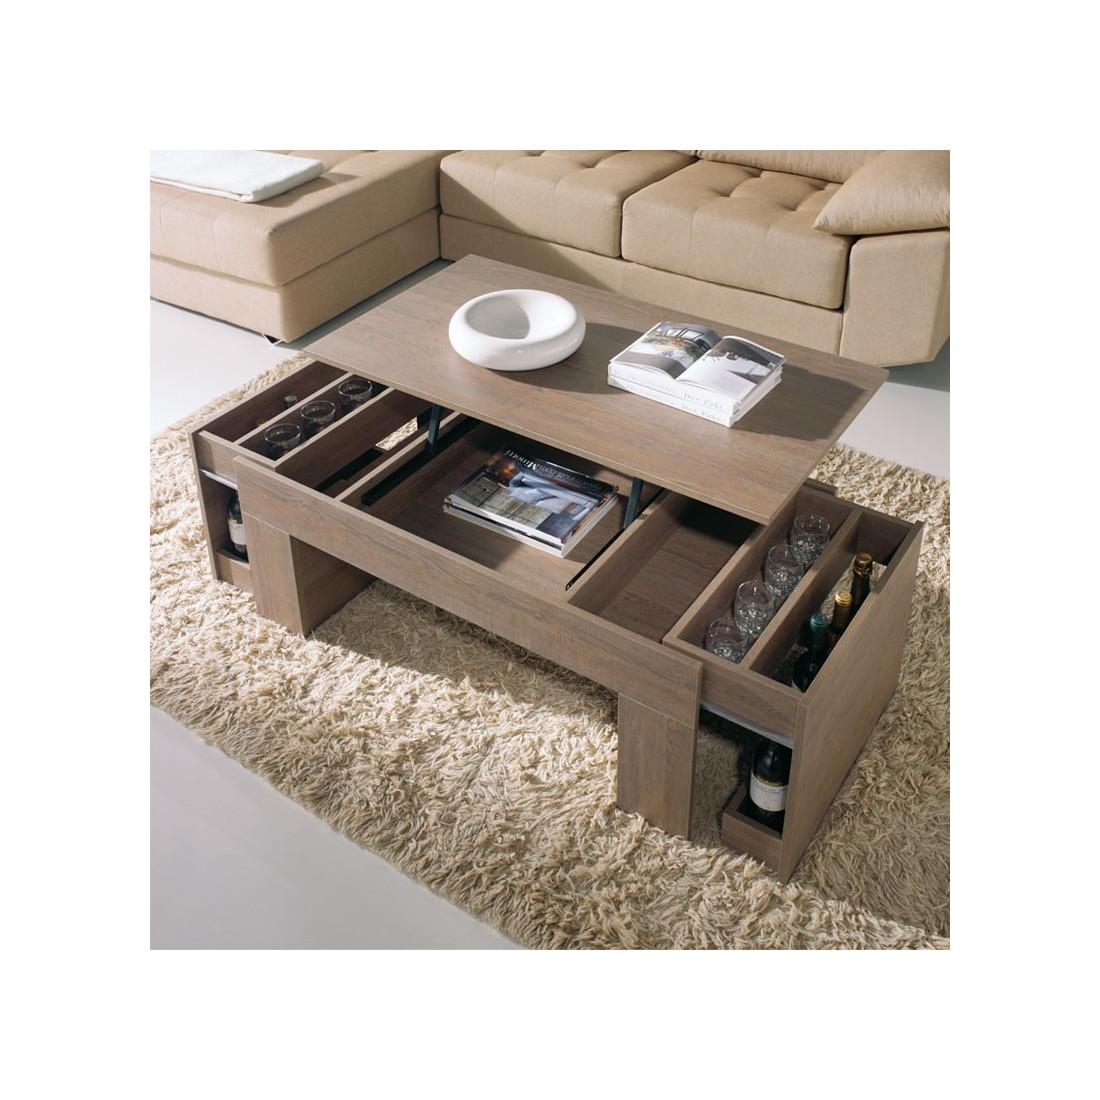 table basse ch ne fonc relevable moly univers salon tousmesmeubles. Black Bedroom Furniture Sets. Home Design Ideas